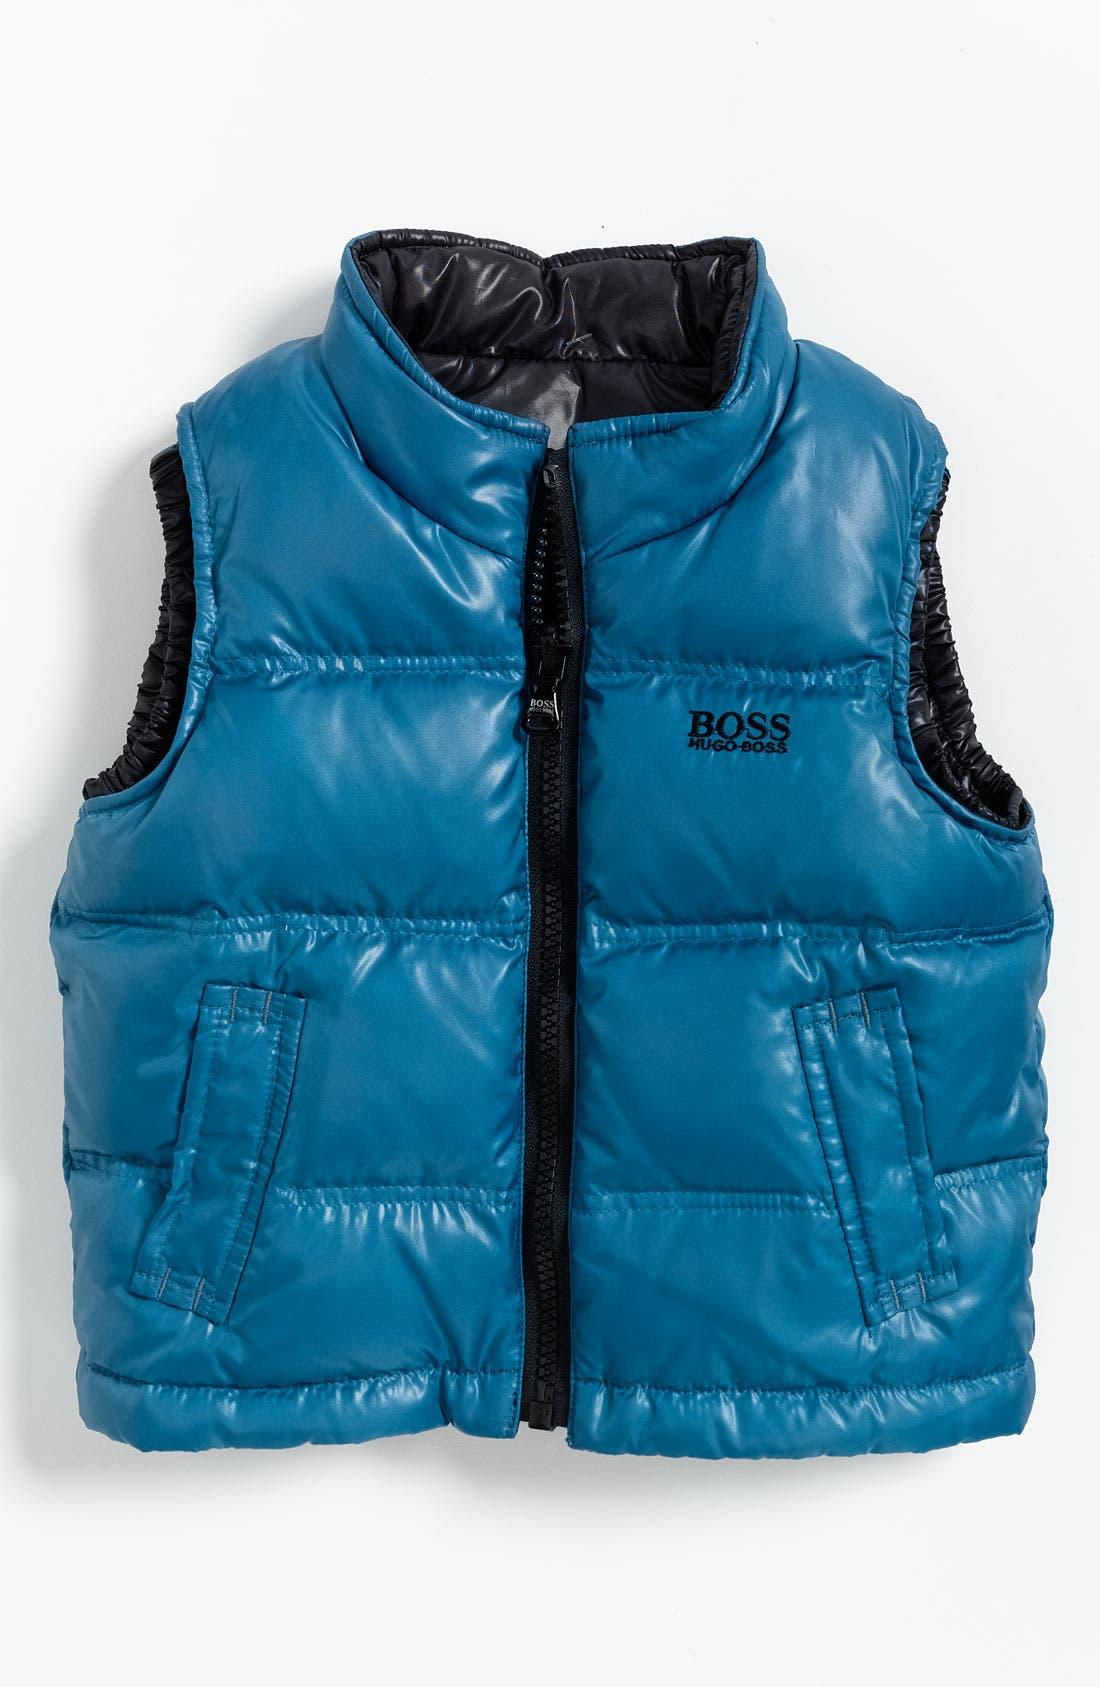 Alternate Image 1 Selected - BOSS Kidswear Reversible Vest (Infant)